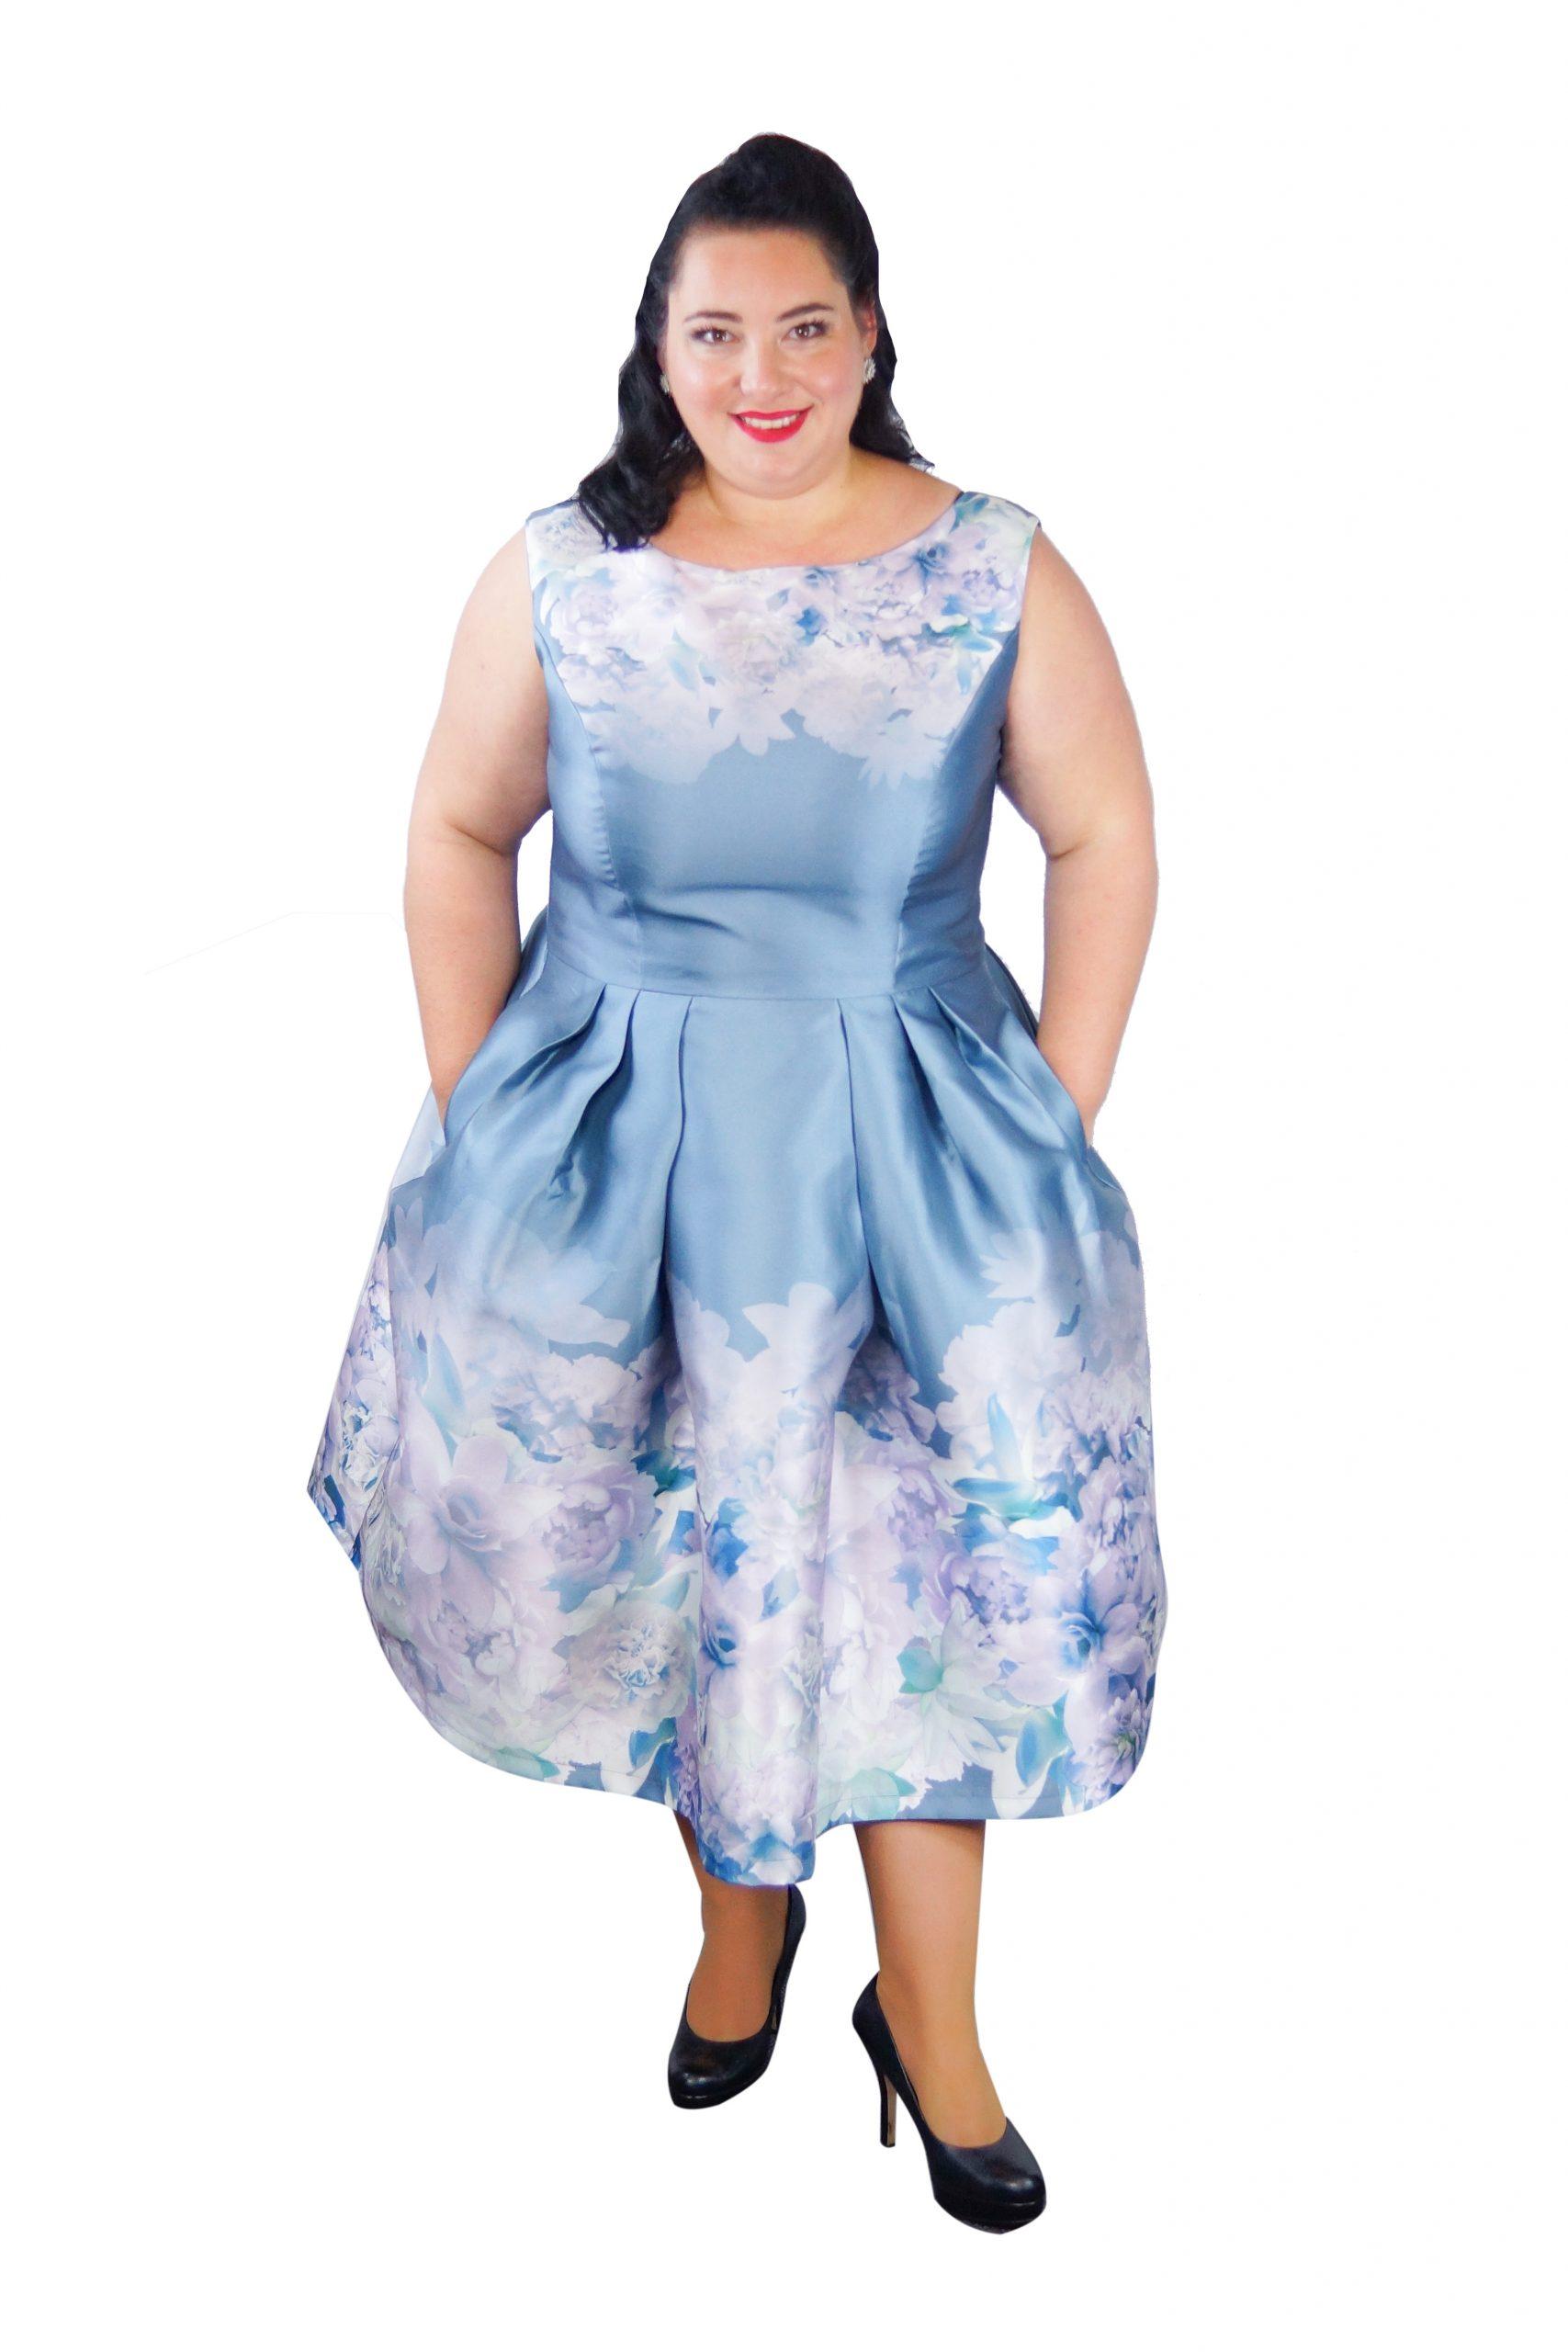 Schön Lange Kleider Größe 50 Spezialgebiet13 Top Lange Kleider Größe 50 Design